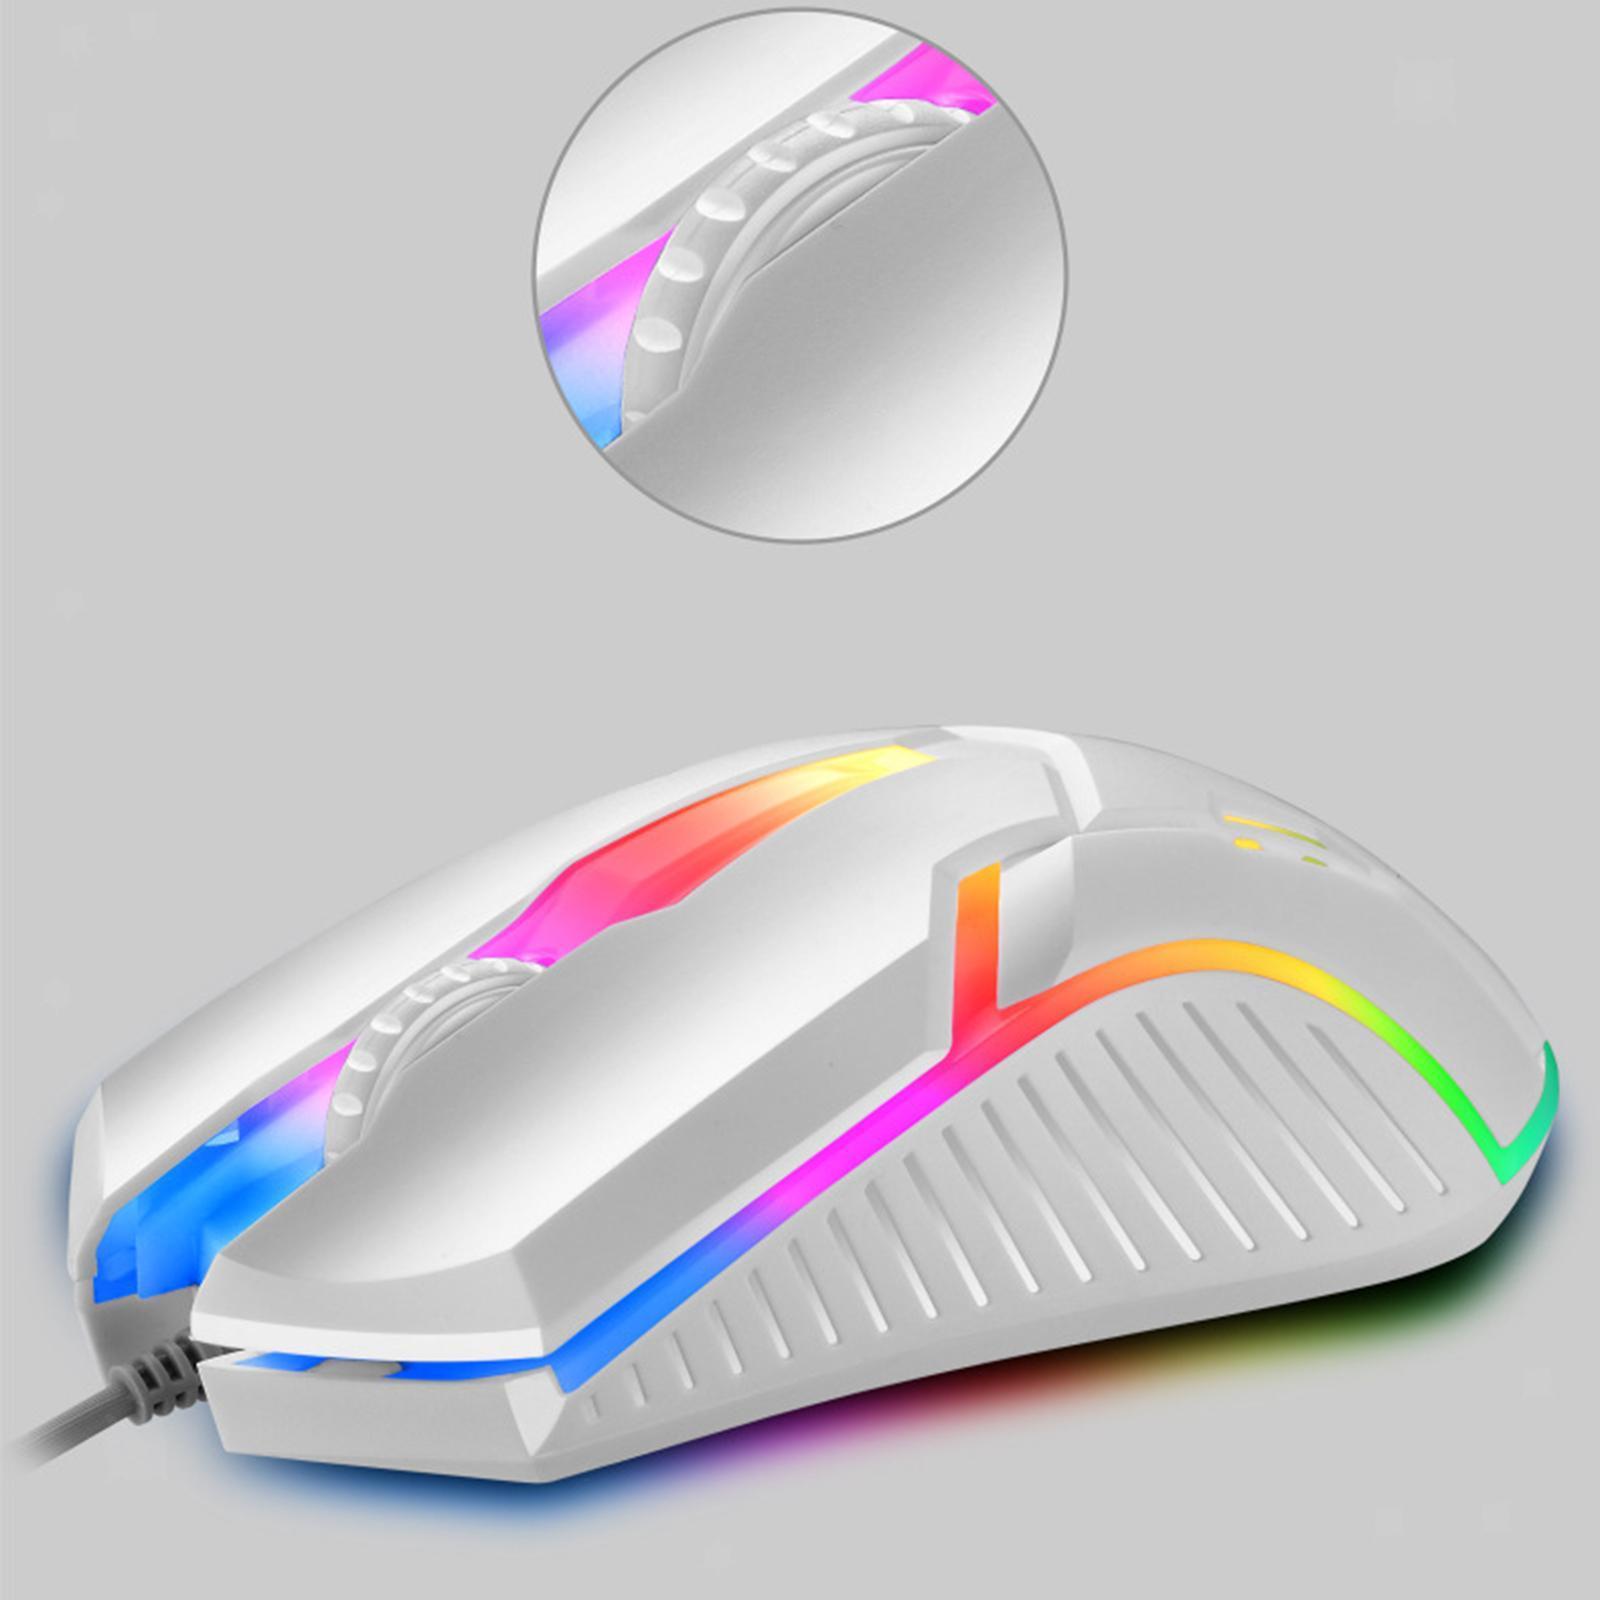 miniatura 8 - Mouse da gioco cablato luminoso USB E-Sports Mouse da gioco per PC 2400 DPI